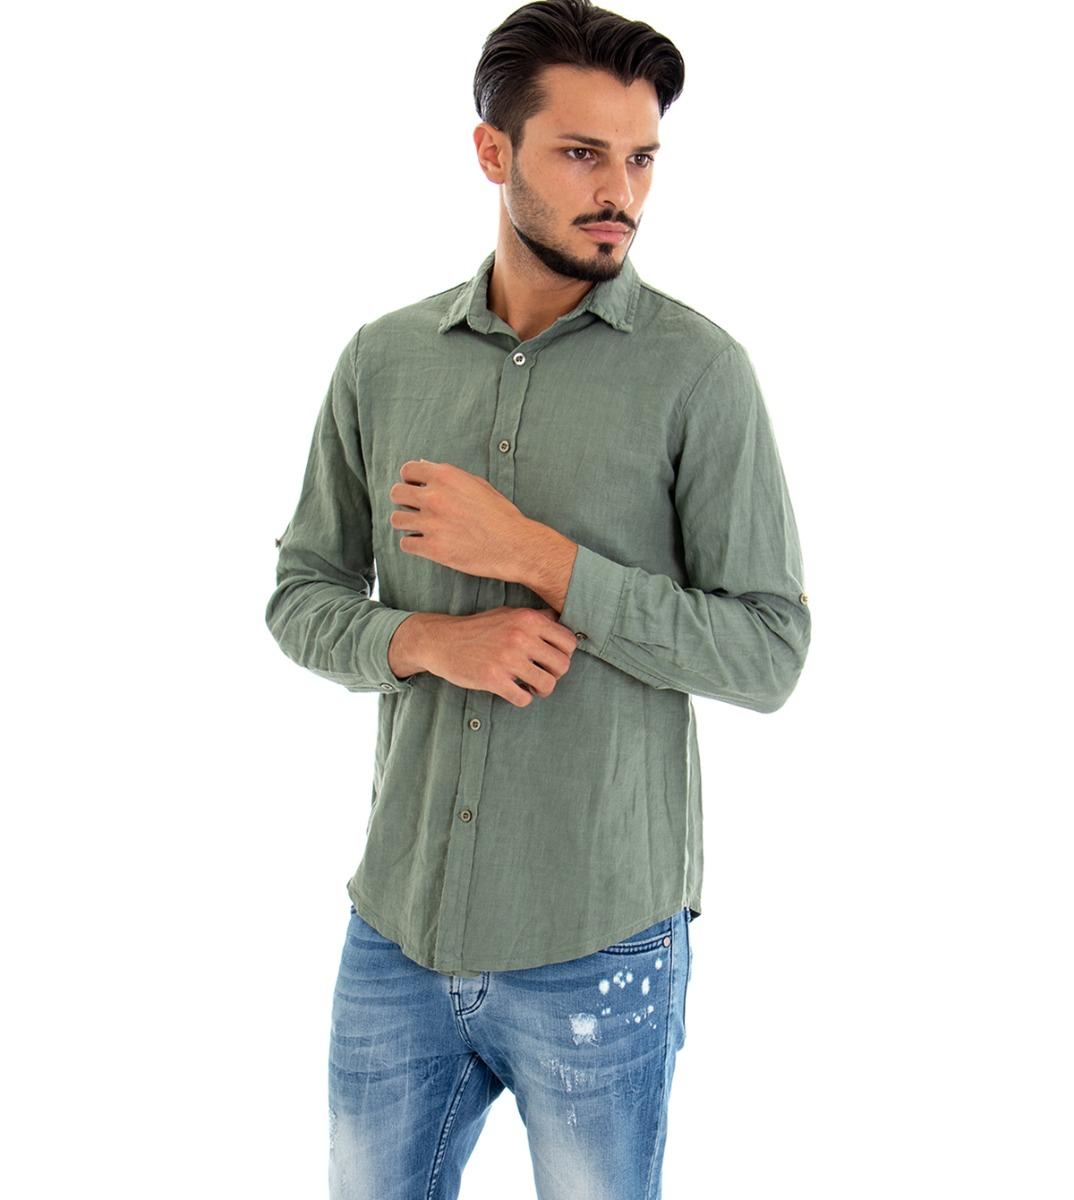 Camicia-Uomo-Lino-Maniche-Lunghe-Colletto-Tinta-Unita-Verde-GIOSAL miniatura 4